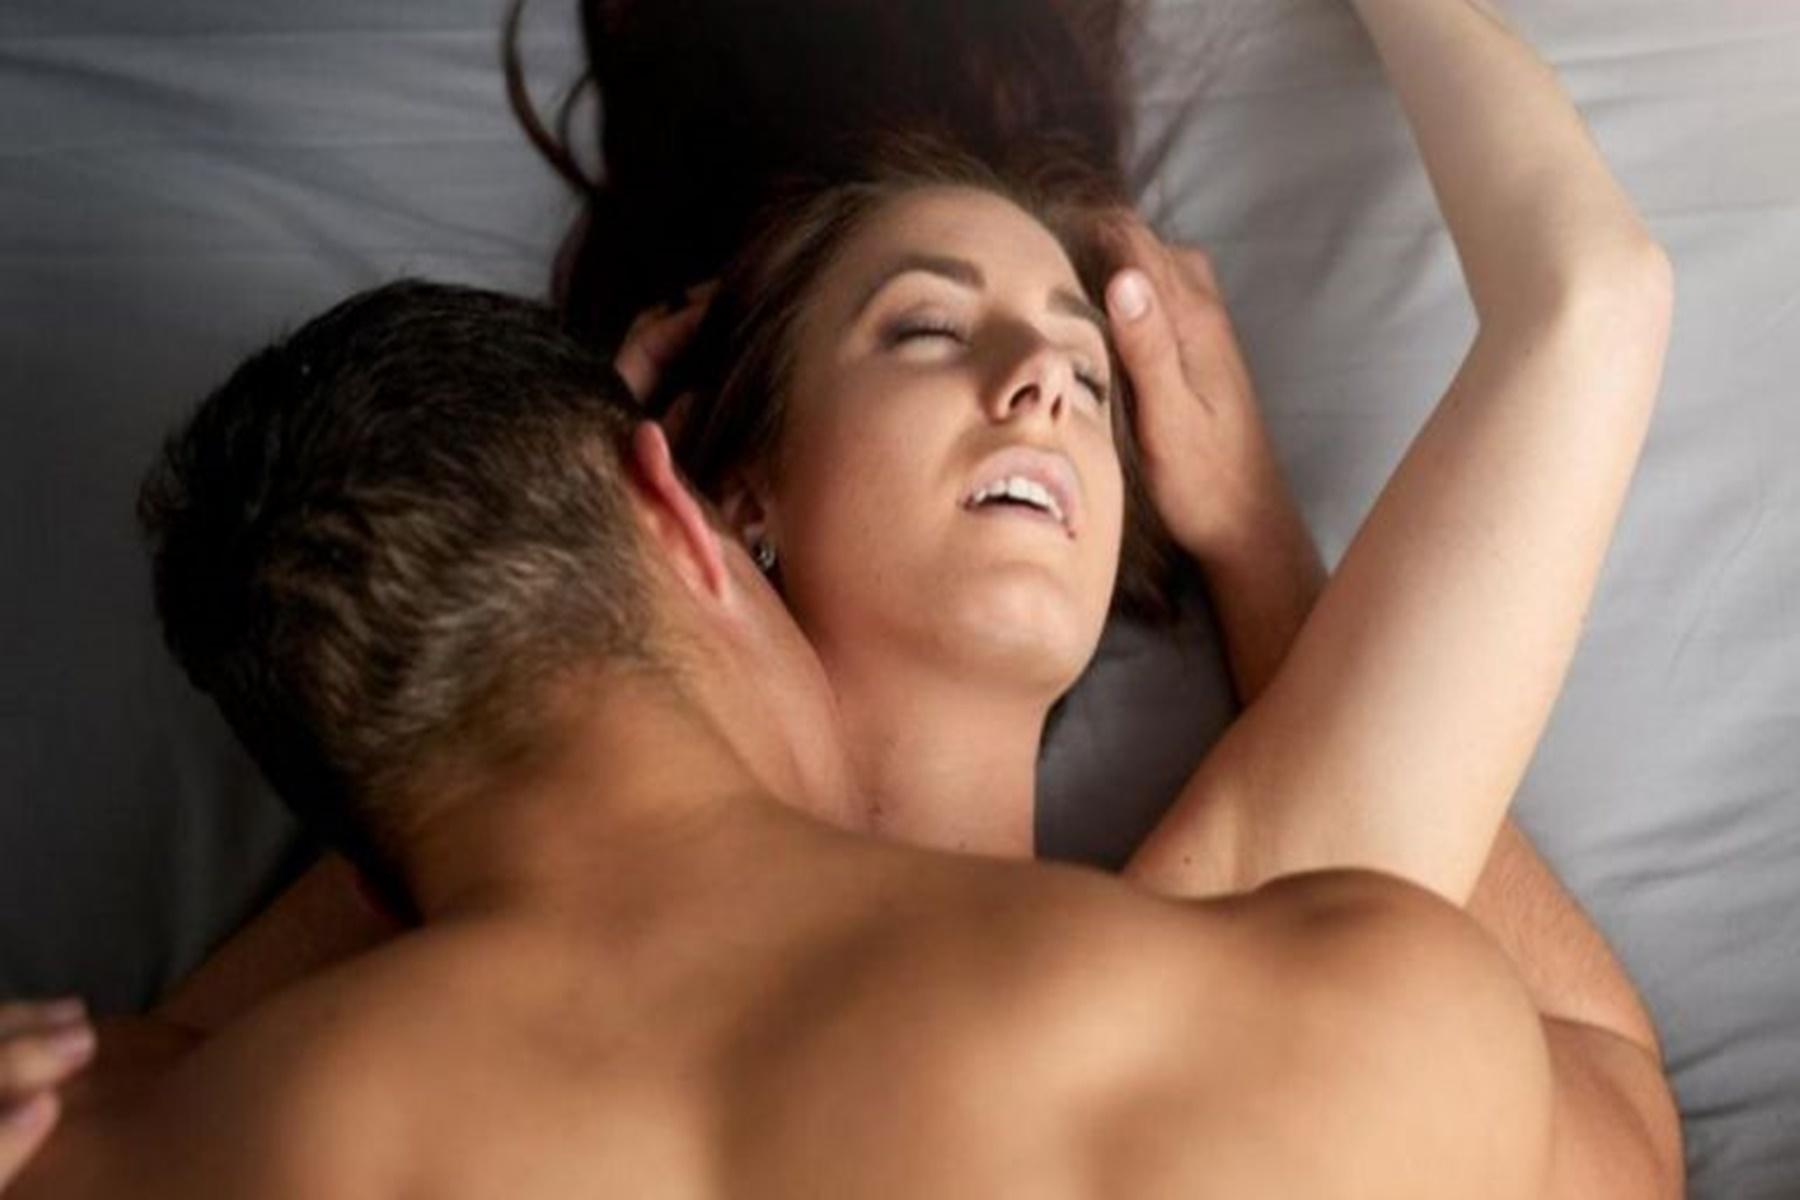 Σεξουαλική ζωή : Tips για να αποκτήσετε απόγονο